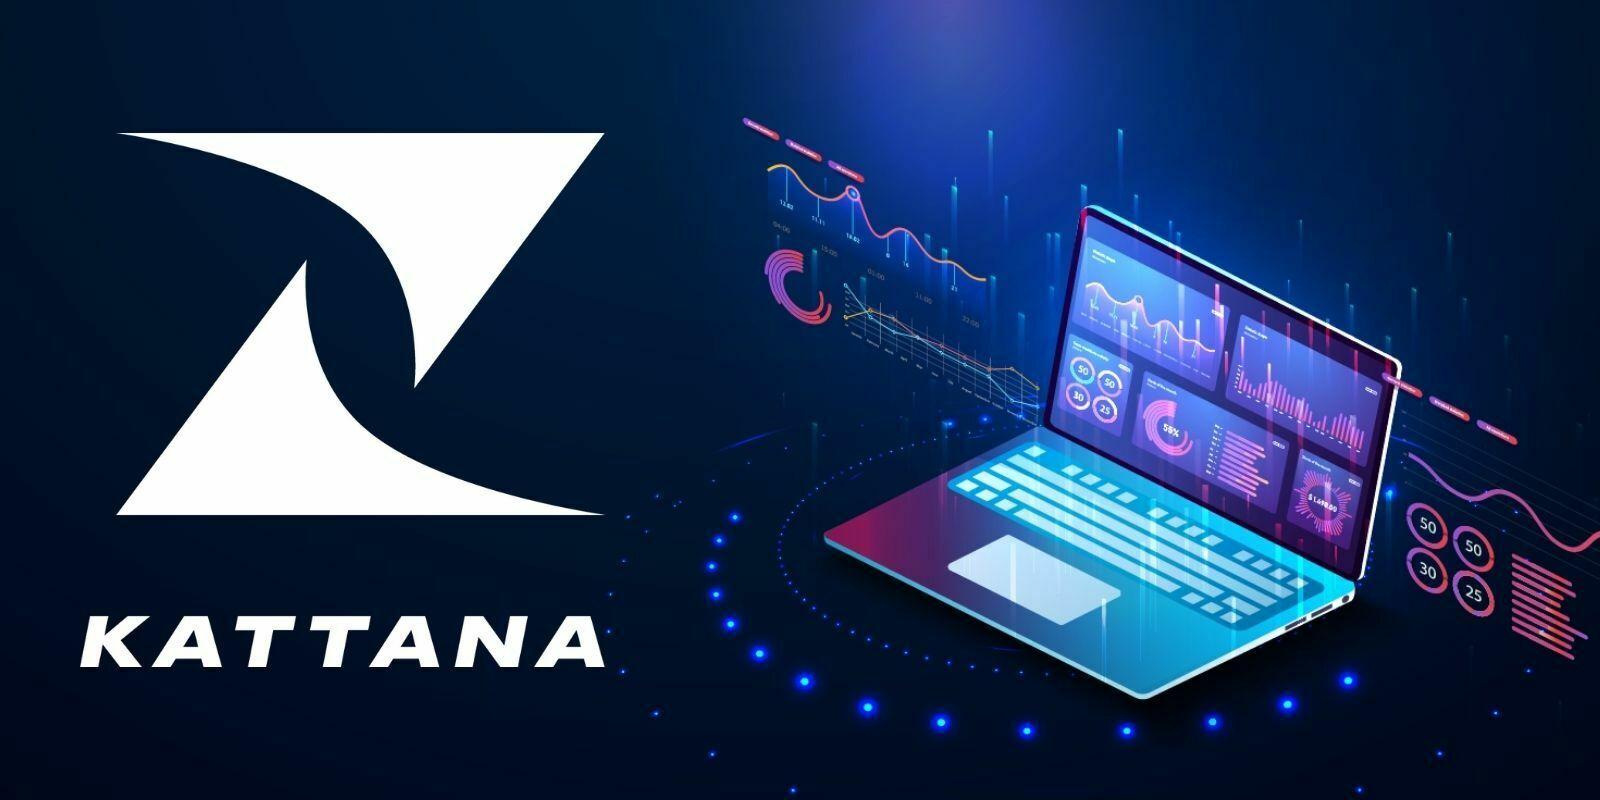 Kattana (KTN) – Le terminal de trading tout-en-un qui agrège et optimise les DEX